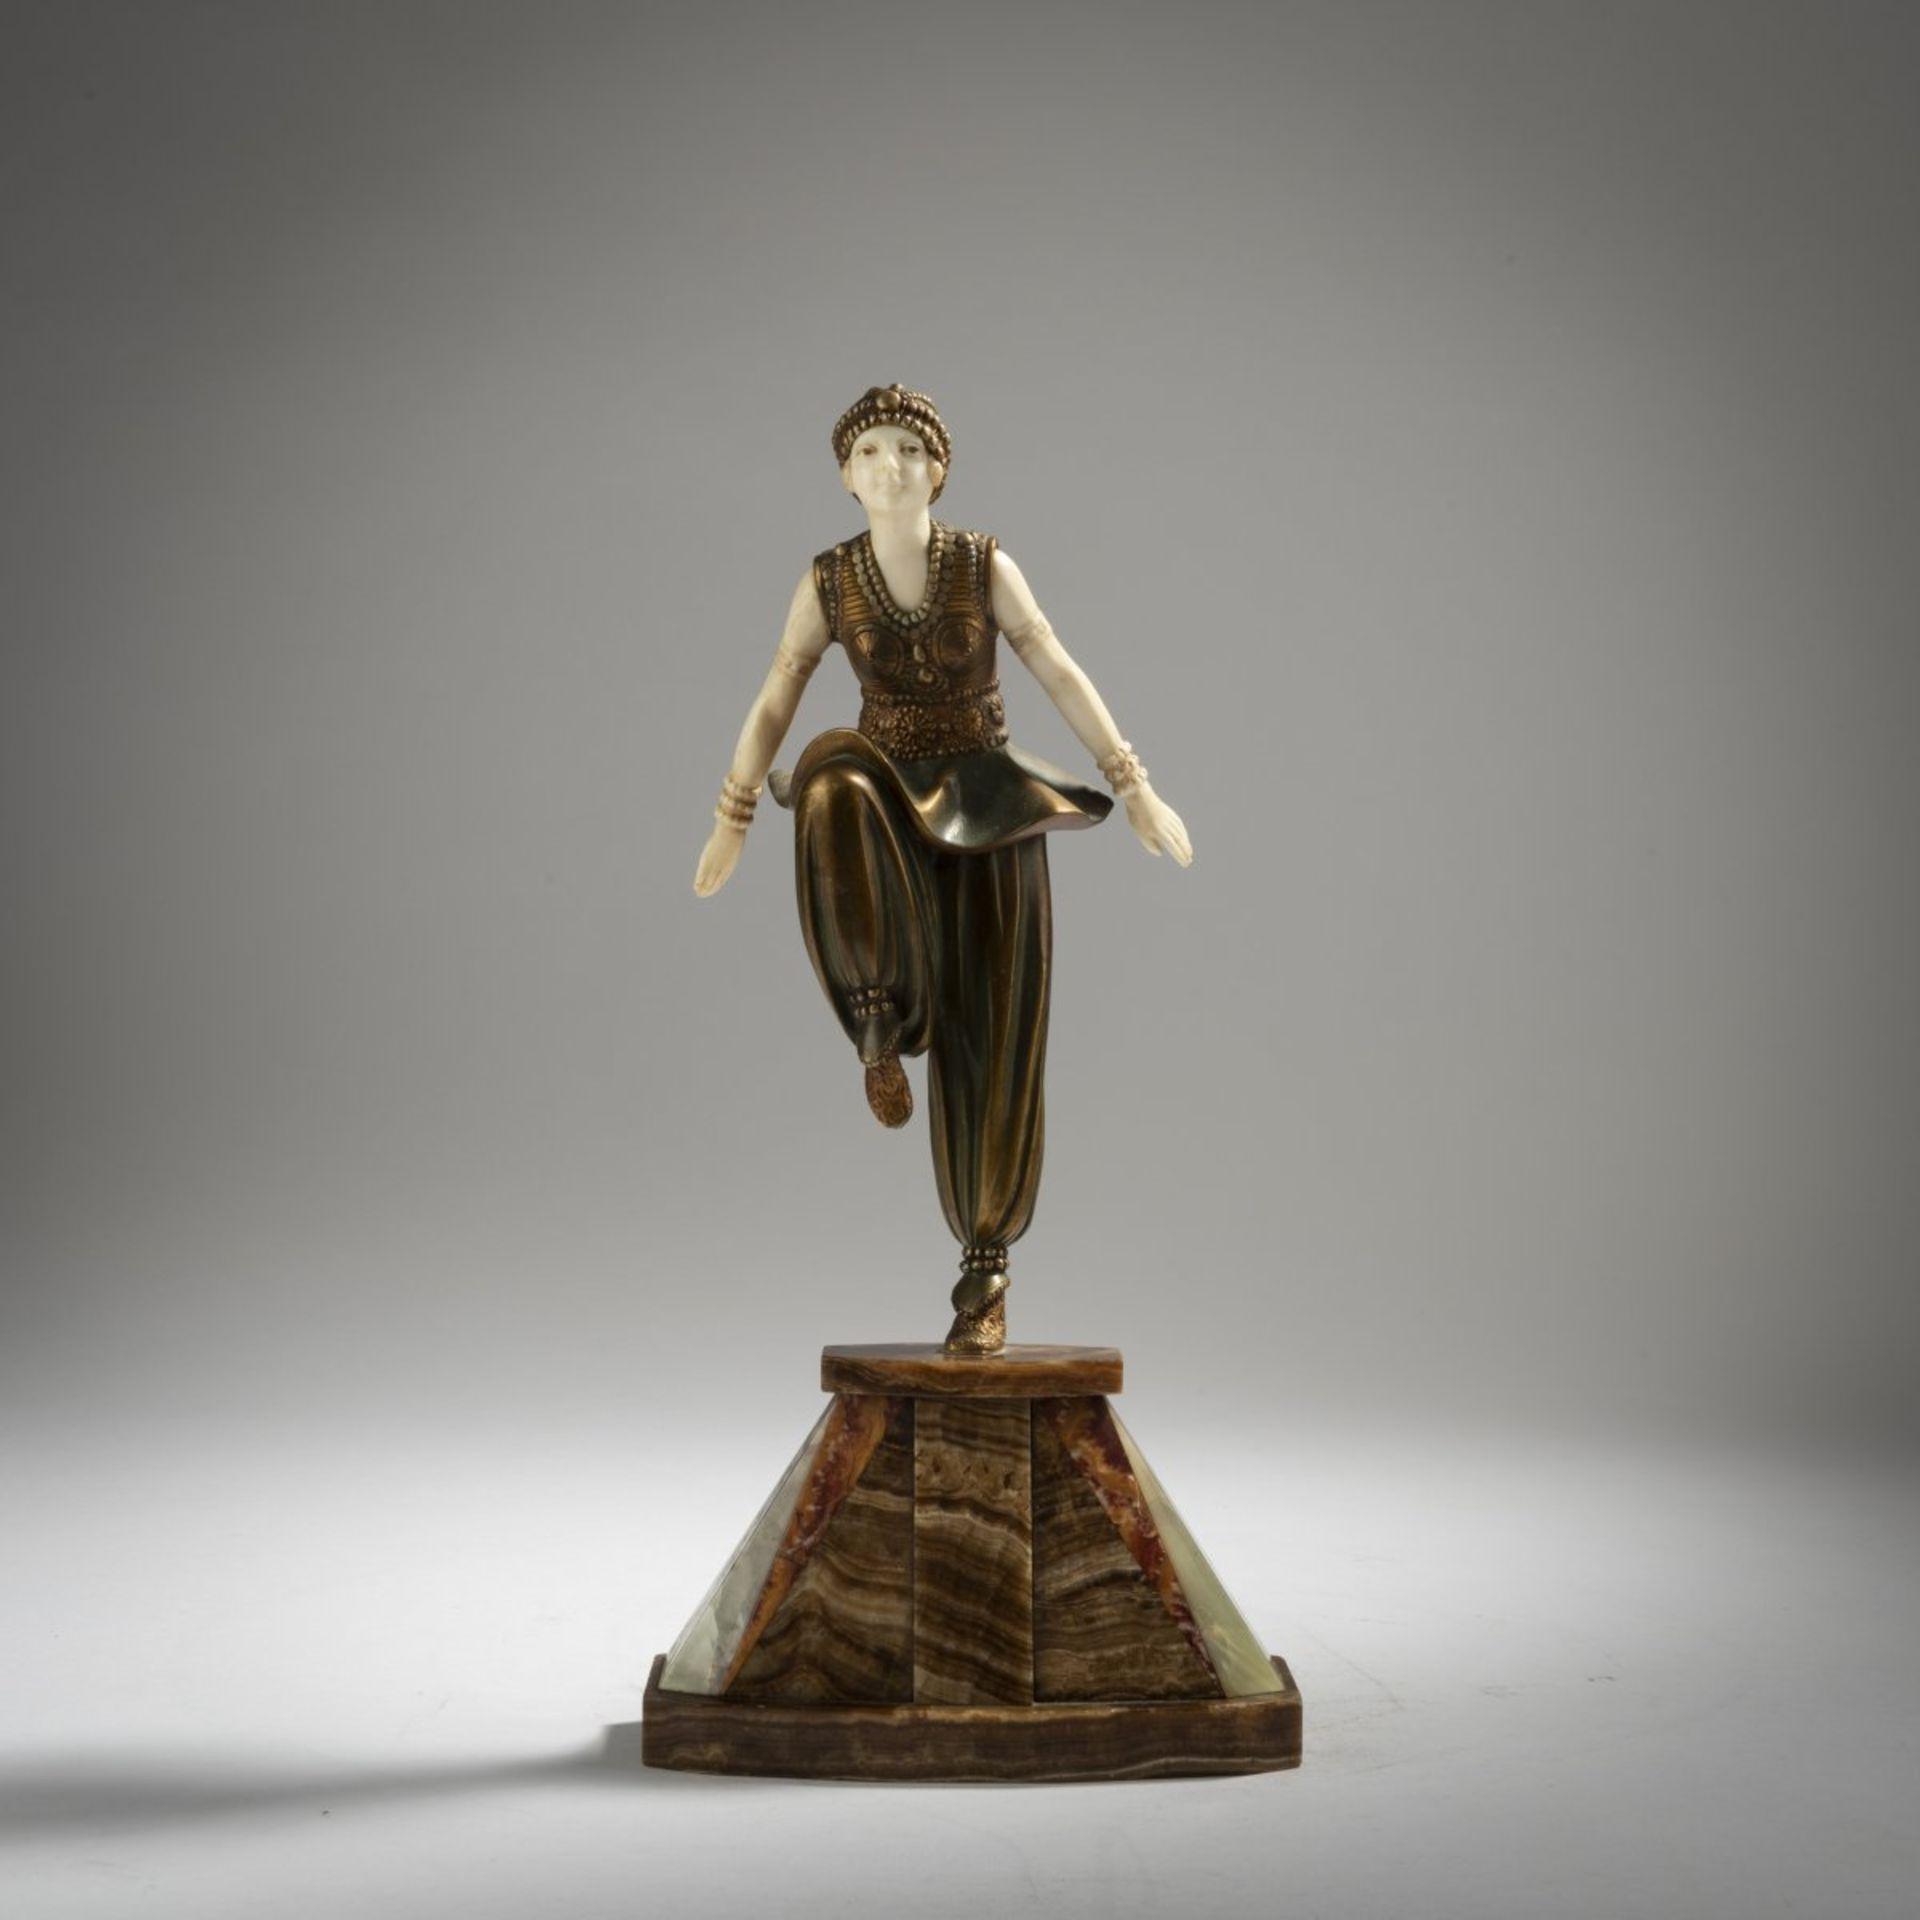 Demètre H. Chiparus, 'Orientalische Tänzerin', um 1925 - Bild 2 aus 9